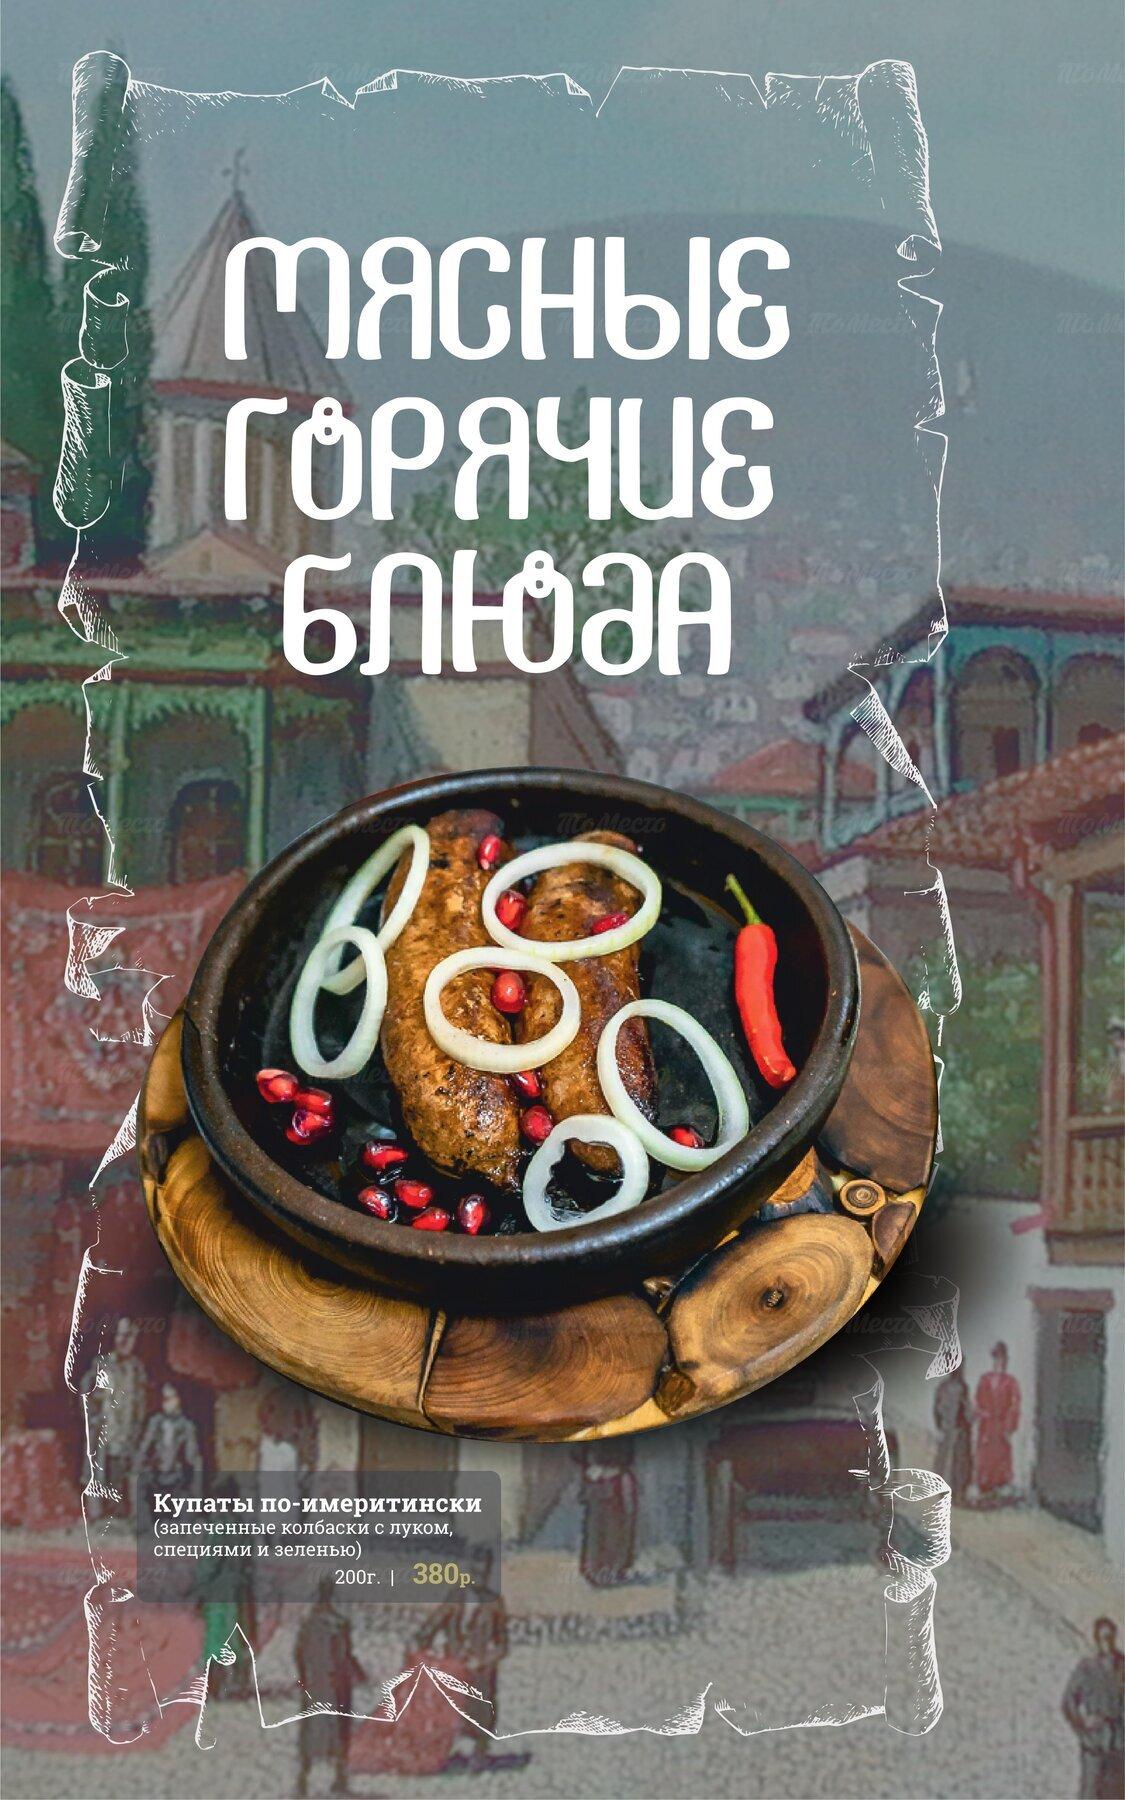 Меню ресторана Хванчкара на улице Селезнёва фото 16